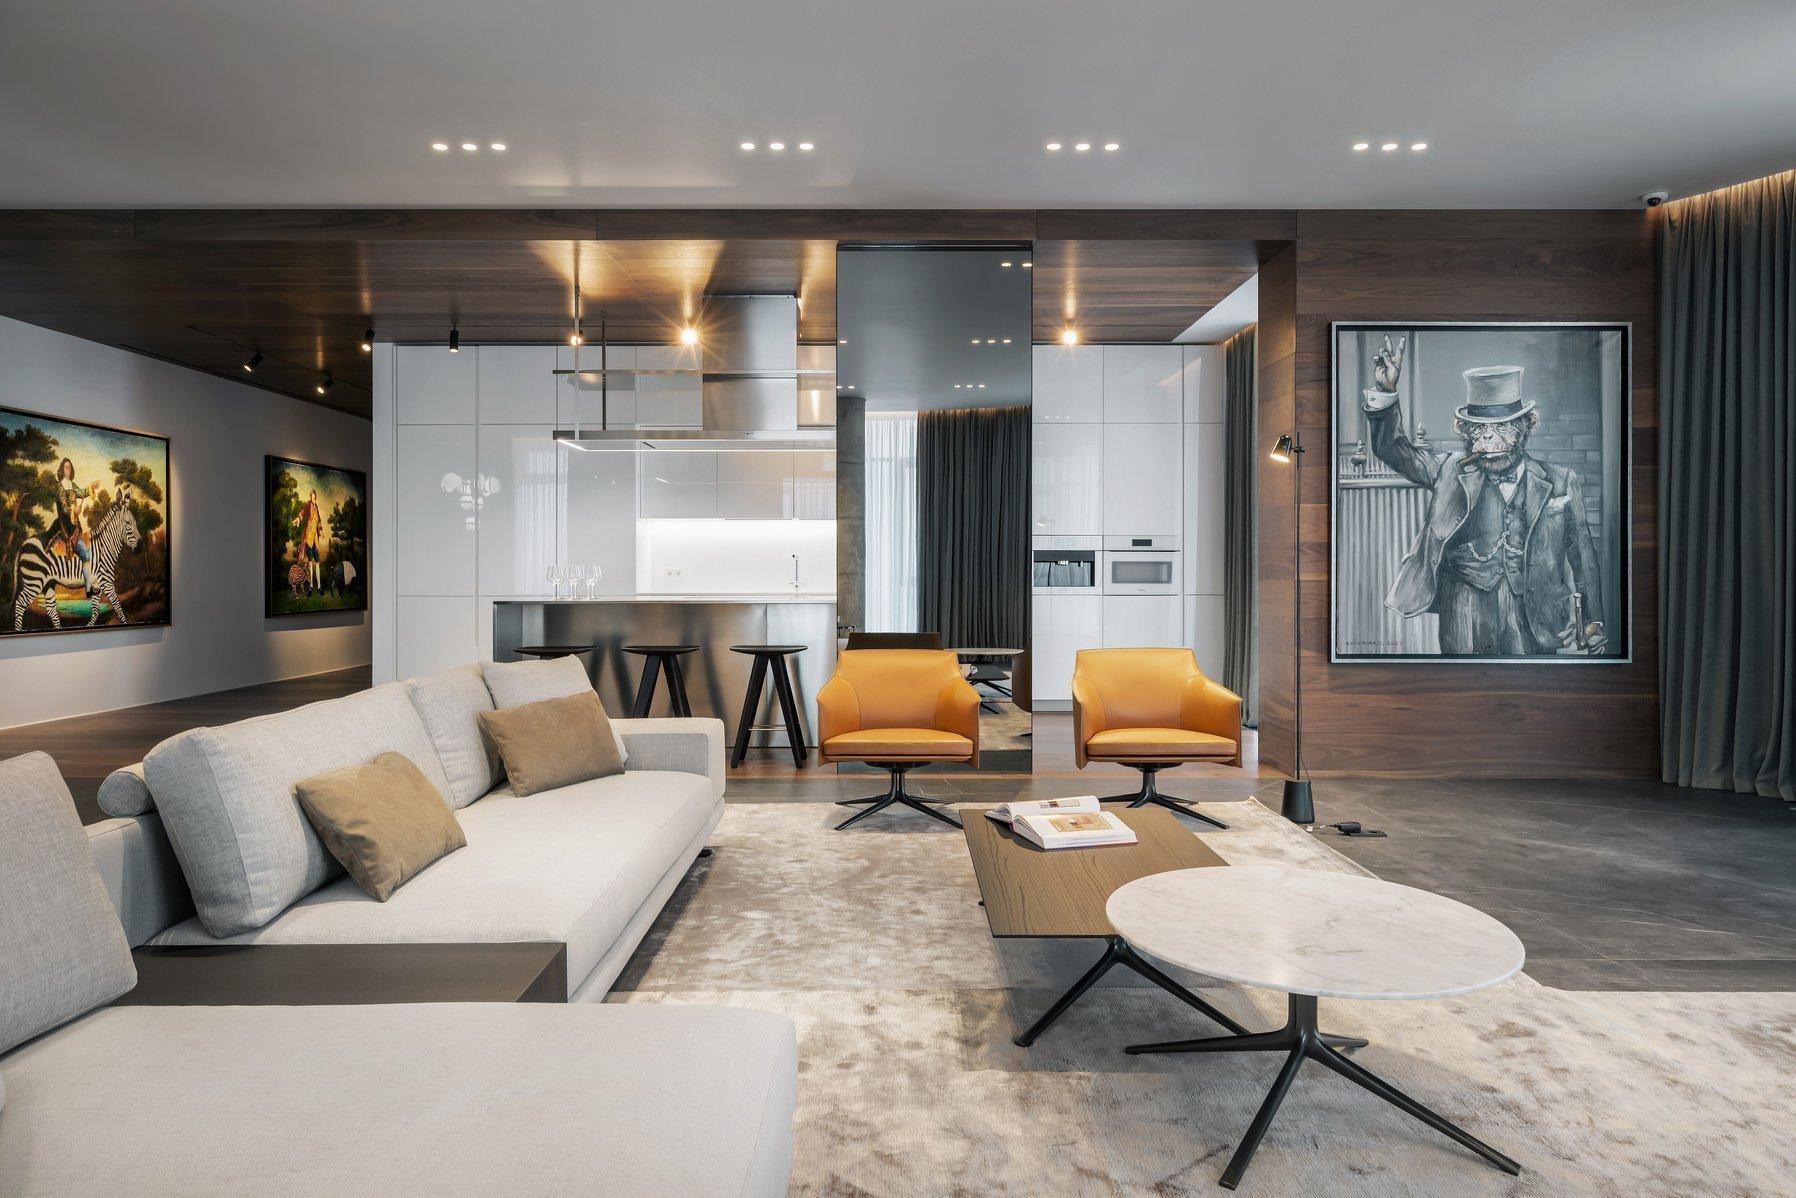 Díky fantazii a vkusu architektů ze studia YoDezeen se vám dnes naskytne pohled do moderně zařízeného bytu s dramatickým efektem. Styl fandící umění, otevřenému prostoru a kontrastu barev dodává tomuto bytu v Kyjevě neskutečné charisma. Bydlet tady musí být umění!